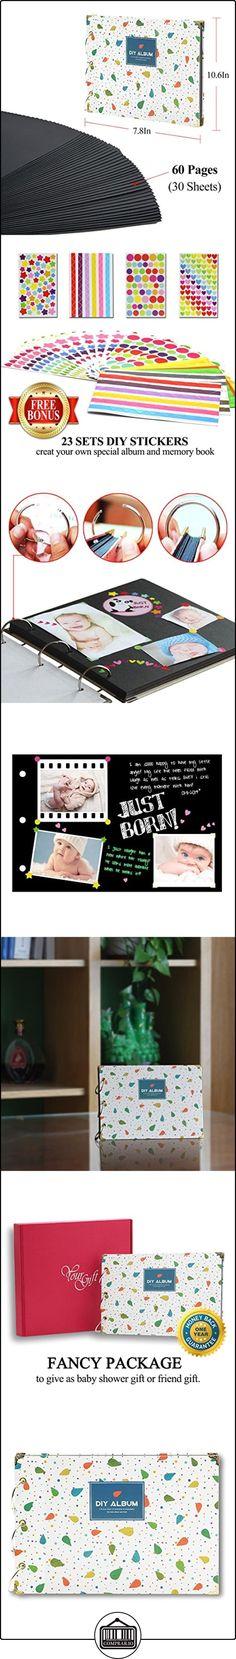 Bebé Álbum - Álbum de Recortes Para Fotos - Regalos de Bebé - with 60 Páginas Negrasa 30 (Hojas) - lto Grado De Embalaje (verde)  ✿ Regalos para recién nacidos - Bebes ✿ ▬► Ver oferta: http://comprar.io/goto/B01N9OIWG0